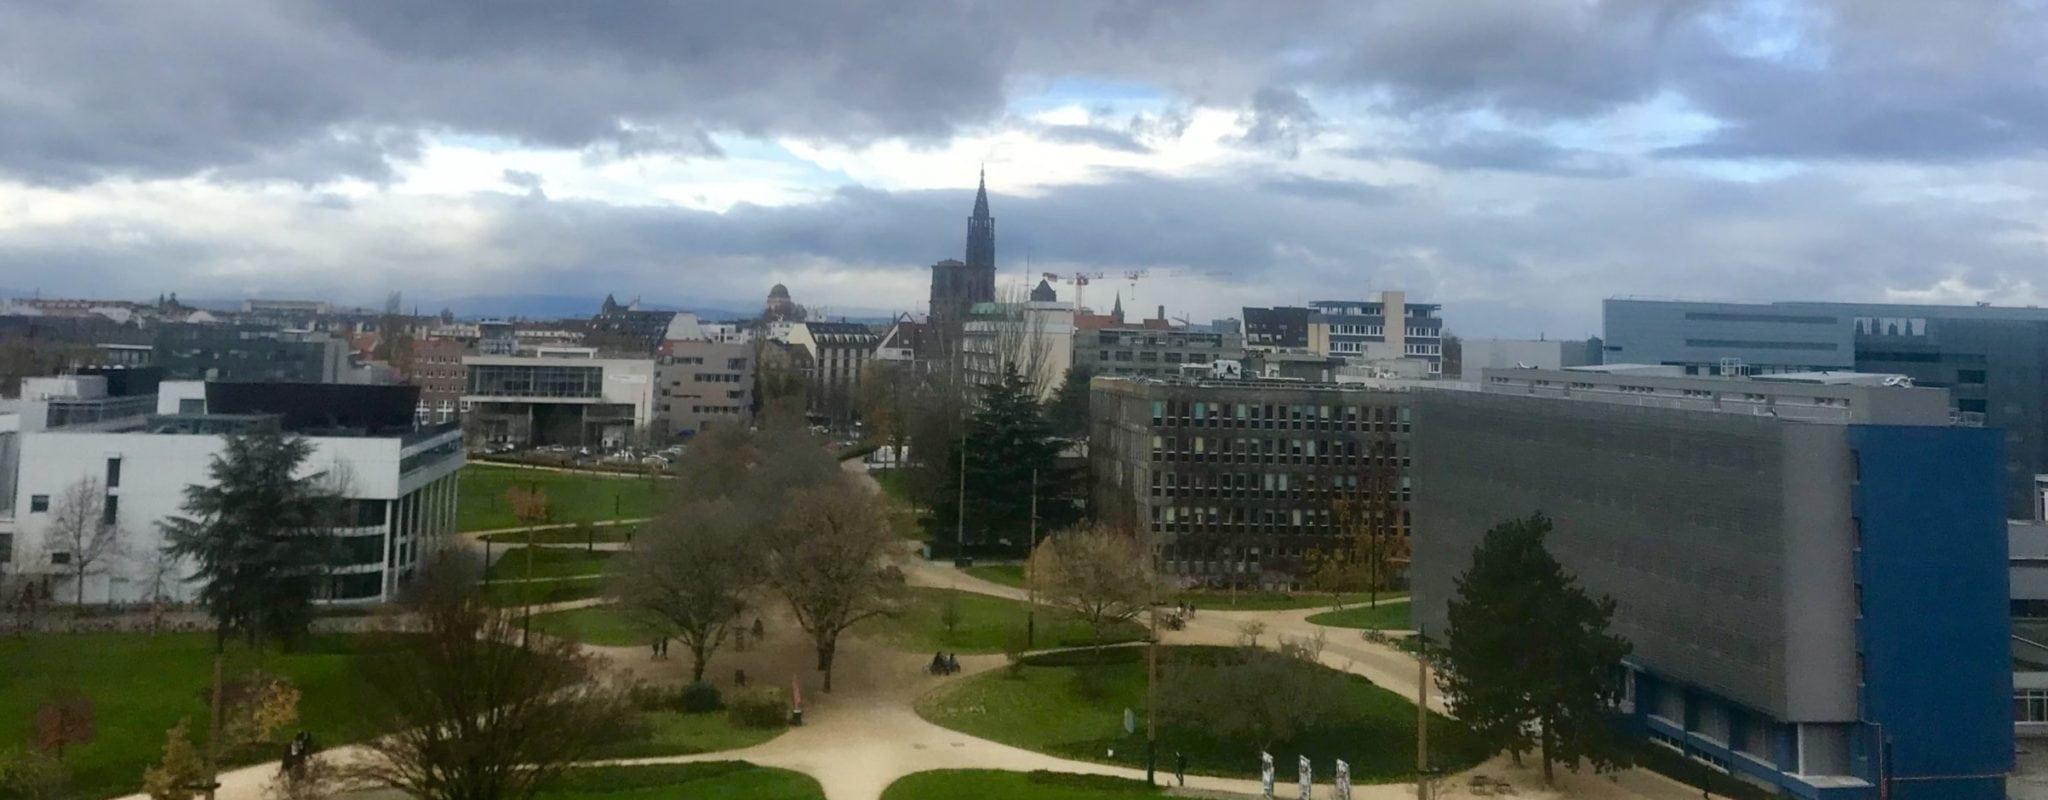 La rentrée sera masquée pour les étudiants de l'Université de Strasbourg